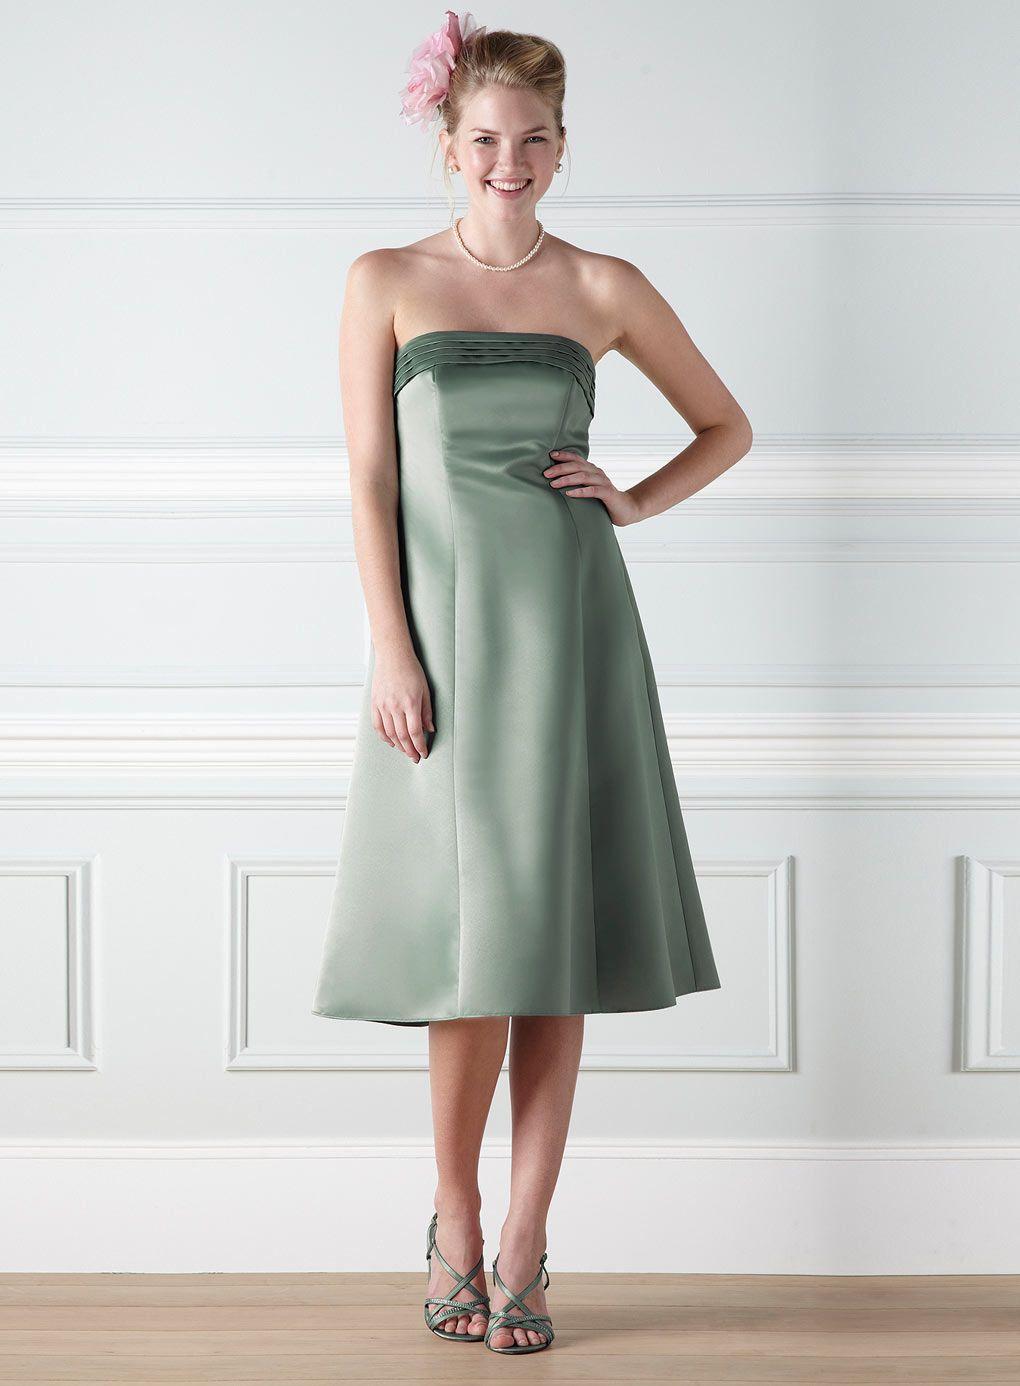 Anna Green Bridesmaid Dress 80 Bhs